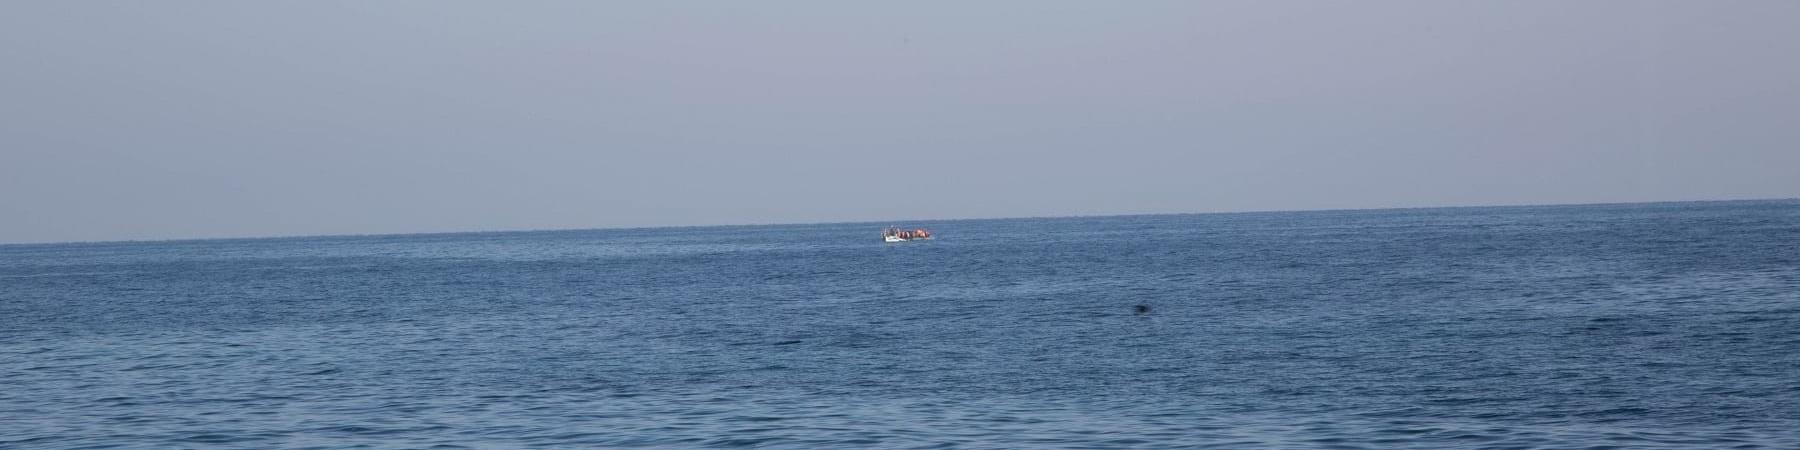 orizzonte tra cielo e mare, in lontananza una piccola imbarcazione